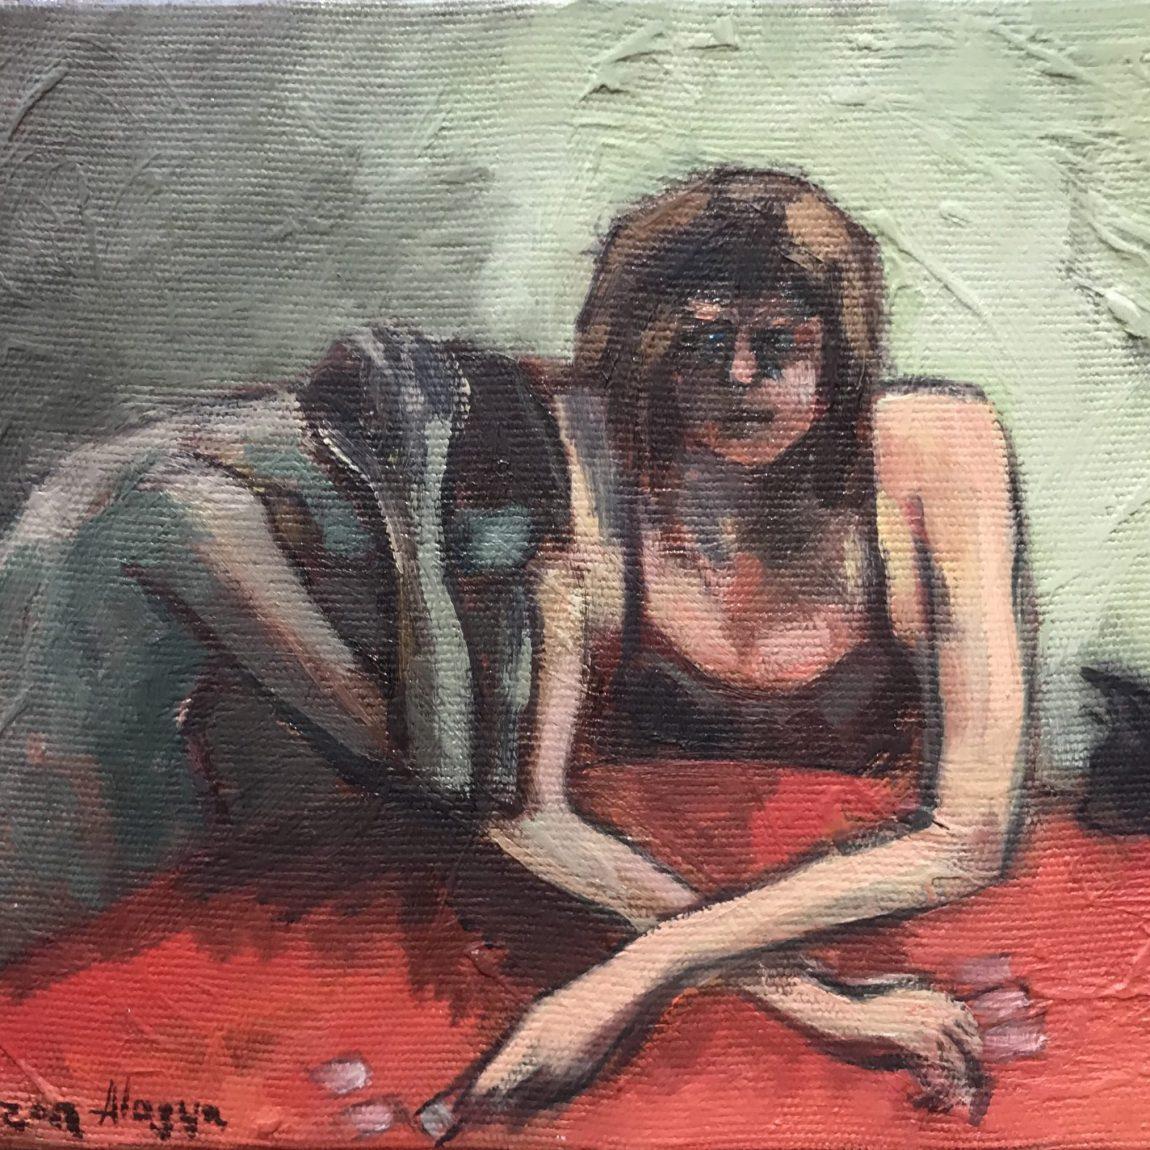 Feyzan Alasya - Teknik : Tuval Üzeri Yağlı Boya Ölçü: 29 x 23 cm Fiyat : 1.180 TL